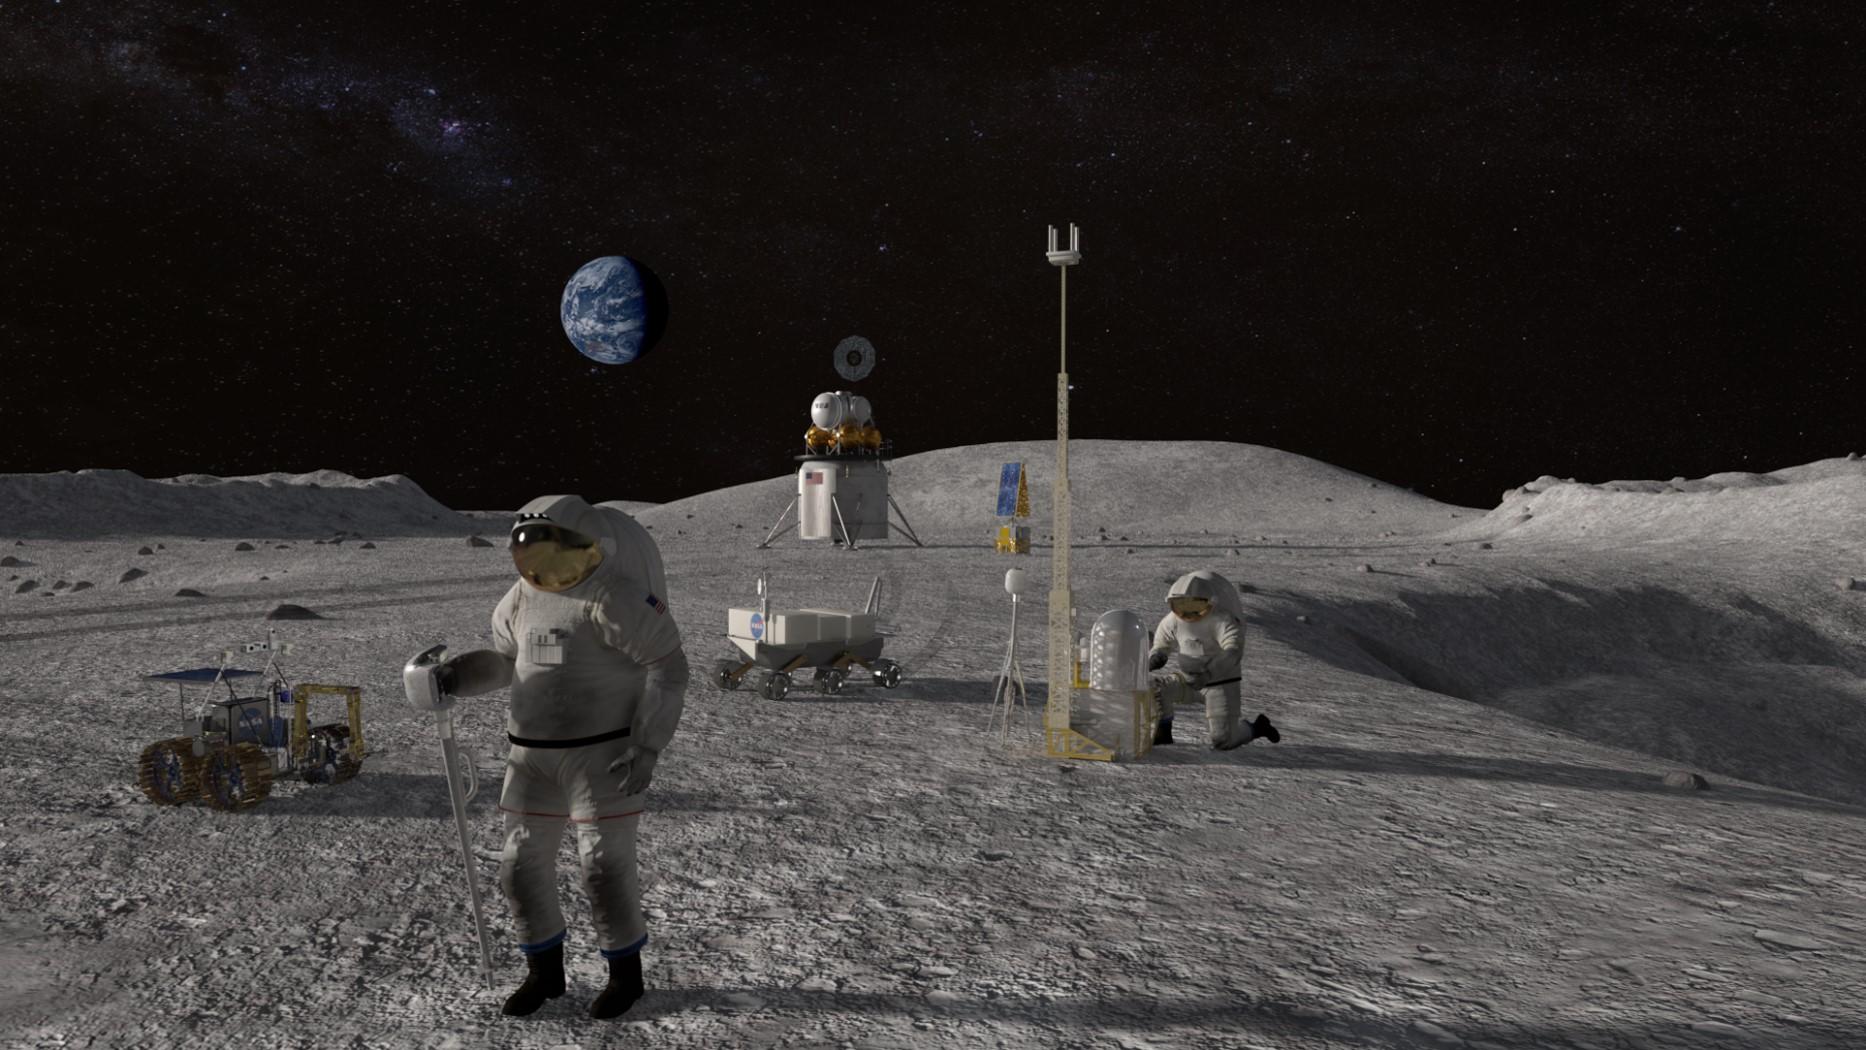 Nasa Perseveres Through Pandemic Looks Ahead In 2020 2021 Nasa See photos from nasa's prolific lunar orbiter here! pandemic looks ahead in 2020 2021